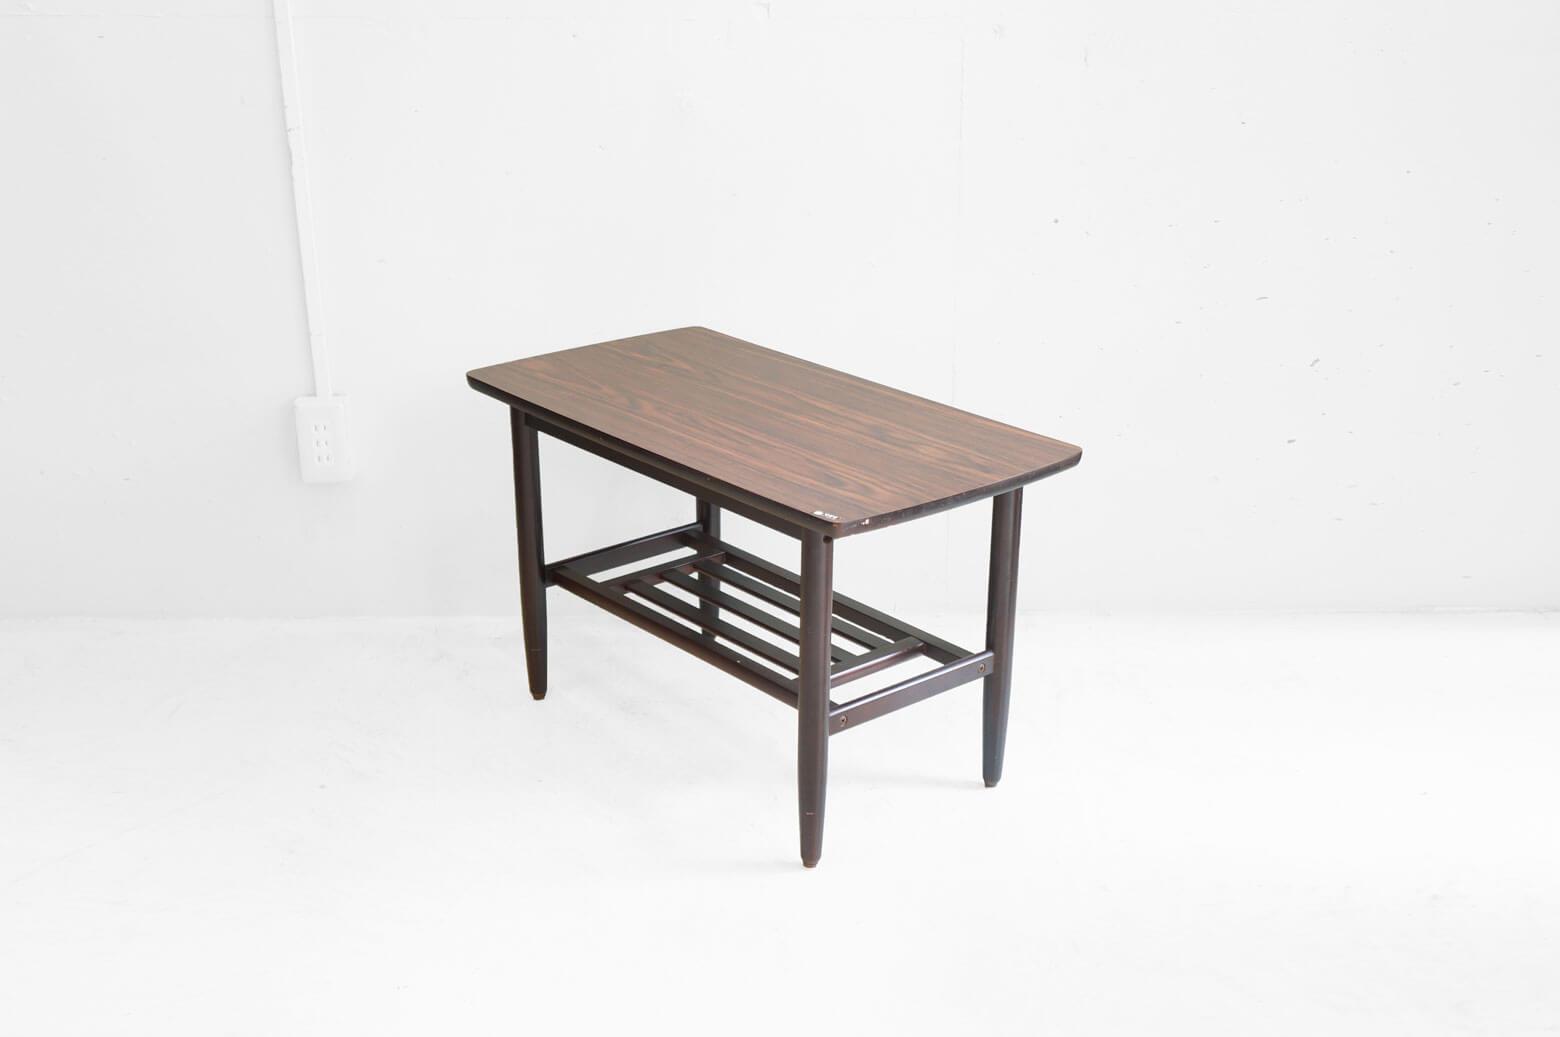 1947年創業の国産家具メーカー、カリモク。 こちらは『オールドカリモク』と呼ばれるヴィンテージのコーヒーテーブルです。 普遍的なデザインと落ち着いたローズウッドカラーが、レトロモダンな家具ともヴィンテージ家具とも、とても相性が良いです。 天板にはメラミン加工がされているため、お手入れも簡単! 雑誌やリモコン、ティッシュボックスなどを置ける棚板が付いているのもうれしいポイントです。 経年や使用に伴う、傷や擦れがございますが、大きなダメージはなく、まだまだお使いいただけます。 現行でも似たデザインのリビングテーブルが販売されていますが、ローズウッドカラーはヴィンテージのみの仕様となっています。 レトロモダンなカフェスタイルにぜひいかがでしょうか♪ ~【東京都杉並区阿佐ヶ谷北アンティークショップ 古一】 古一/ふるいちでは出張無料買取も行っております。杉並区周辺はもちろん、世田谷区・目黒区・武蔵野市・新宿区等の東京近郊のお見積もりも!ビンテージ家具・インテリア雑貨・ランプ・USED品・ リサイクルなら古一/フルイチへ~